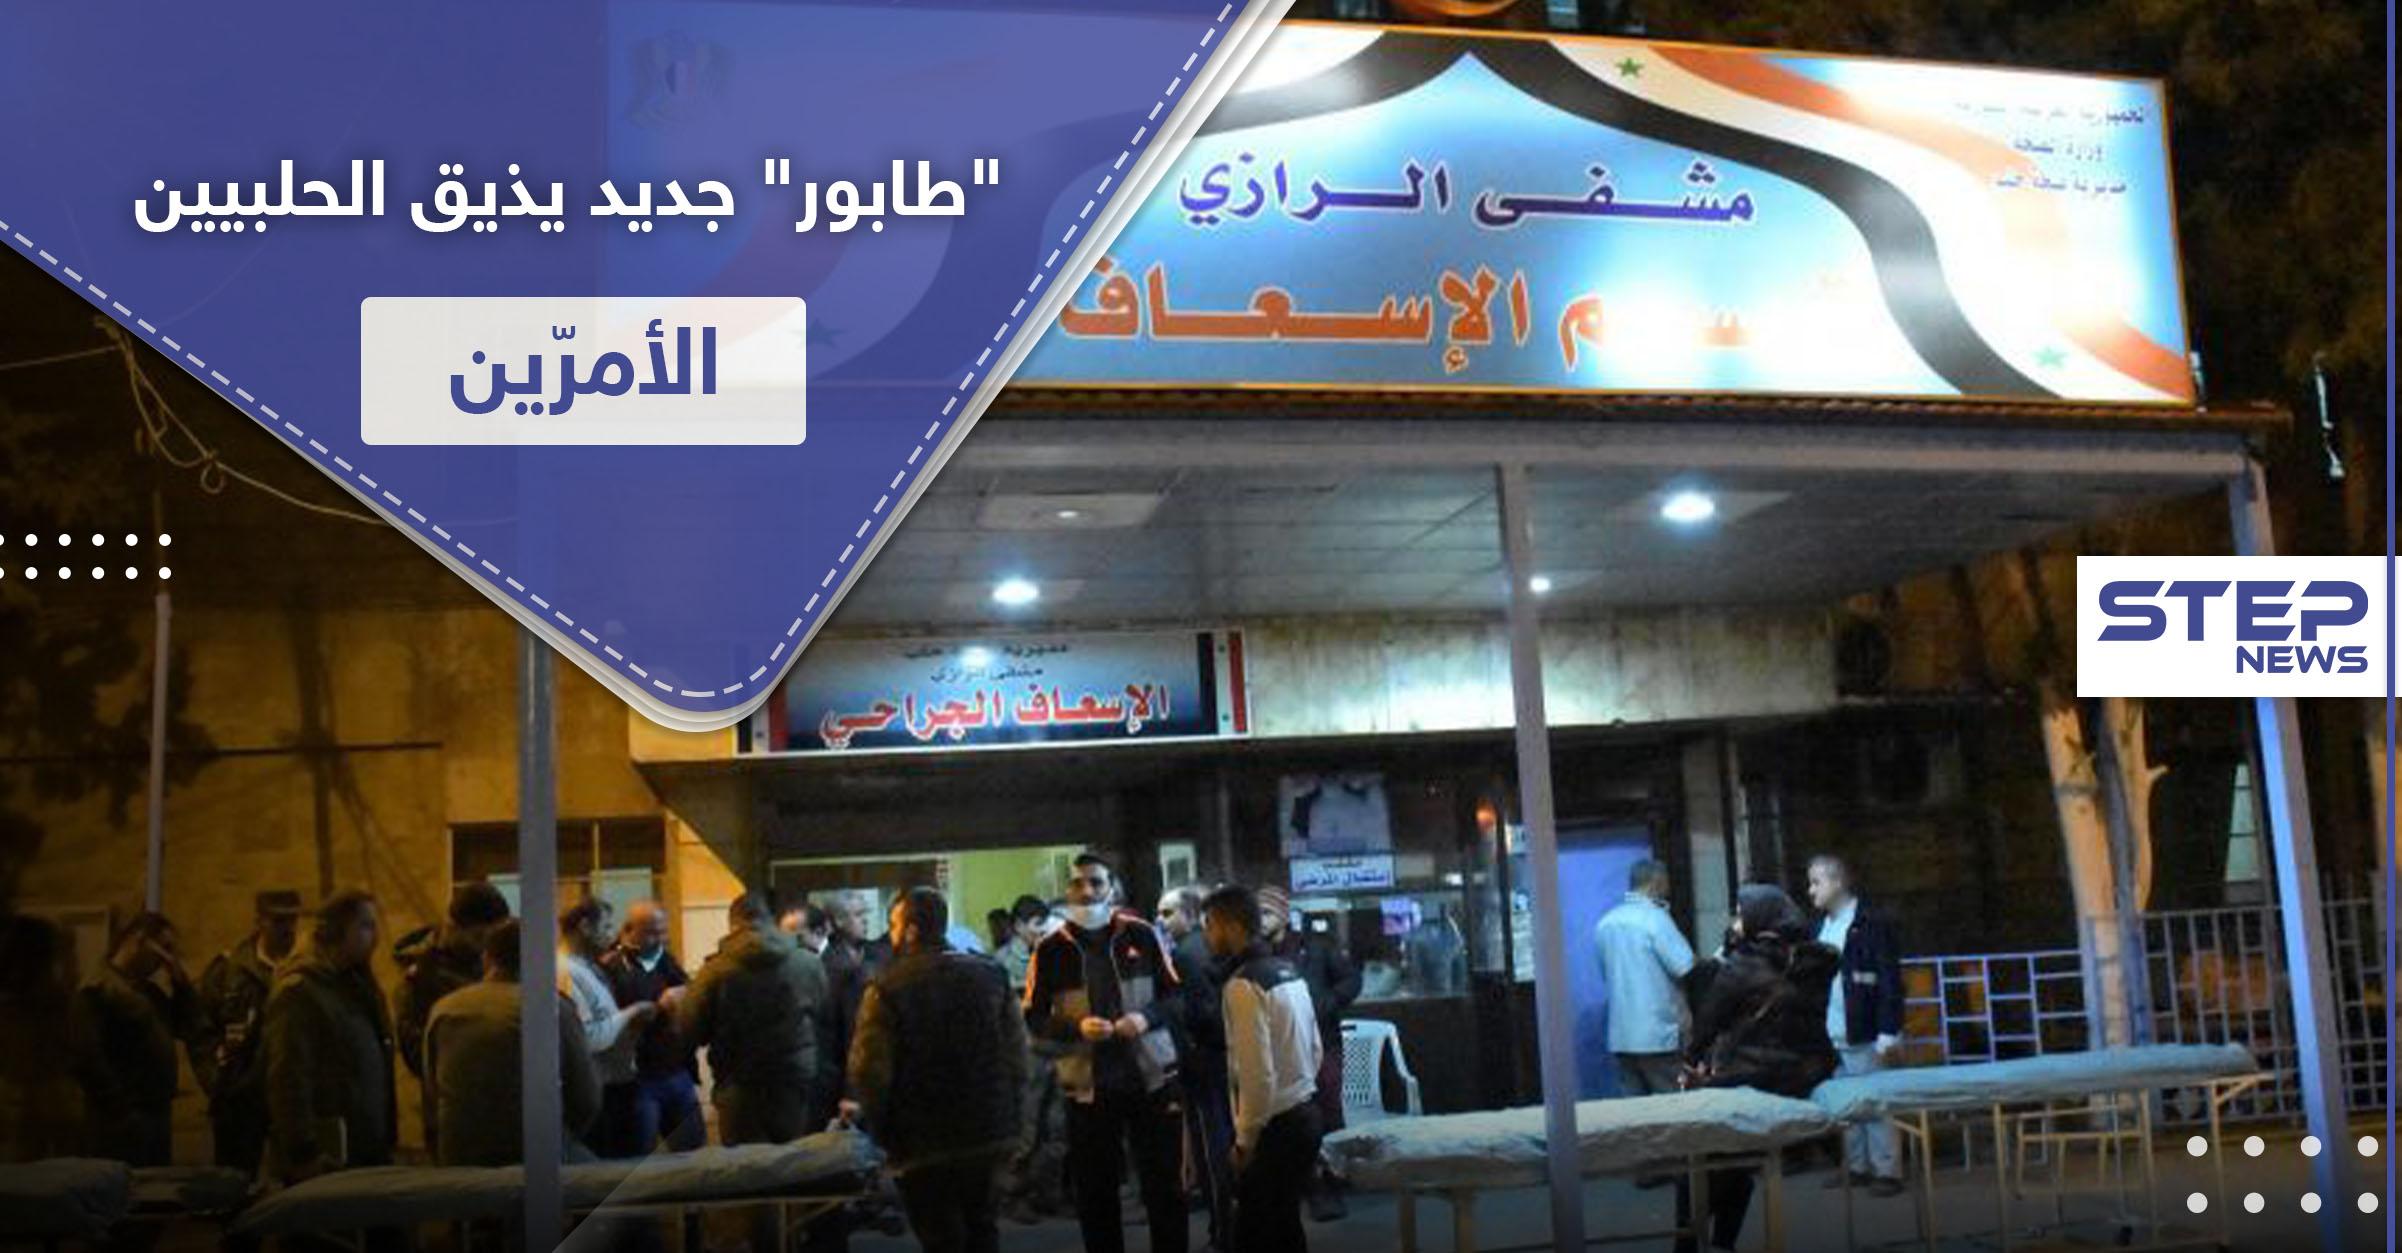 """""""الطابور"""" في حلب لم يعد يقتصر على الغاز والخبز والوقود"""